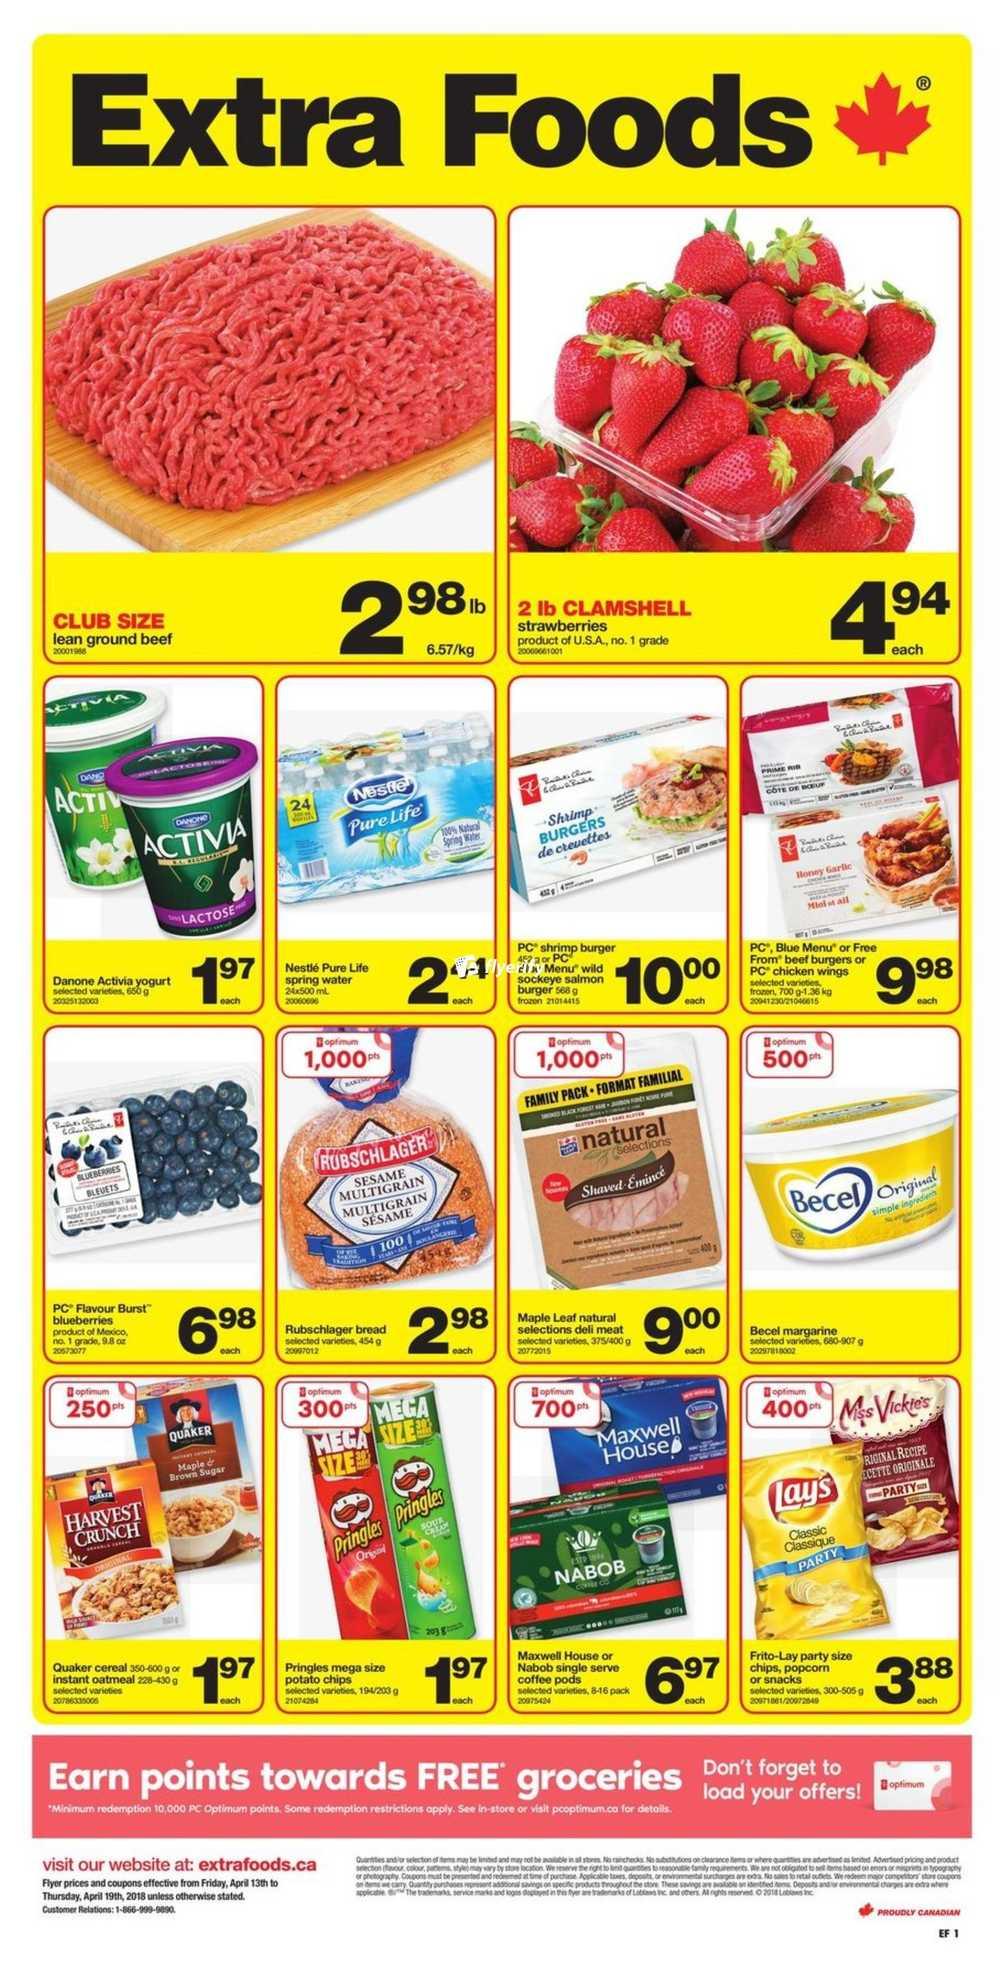 Wellburn S Foods